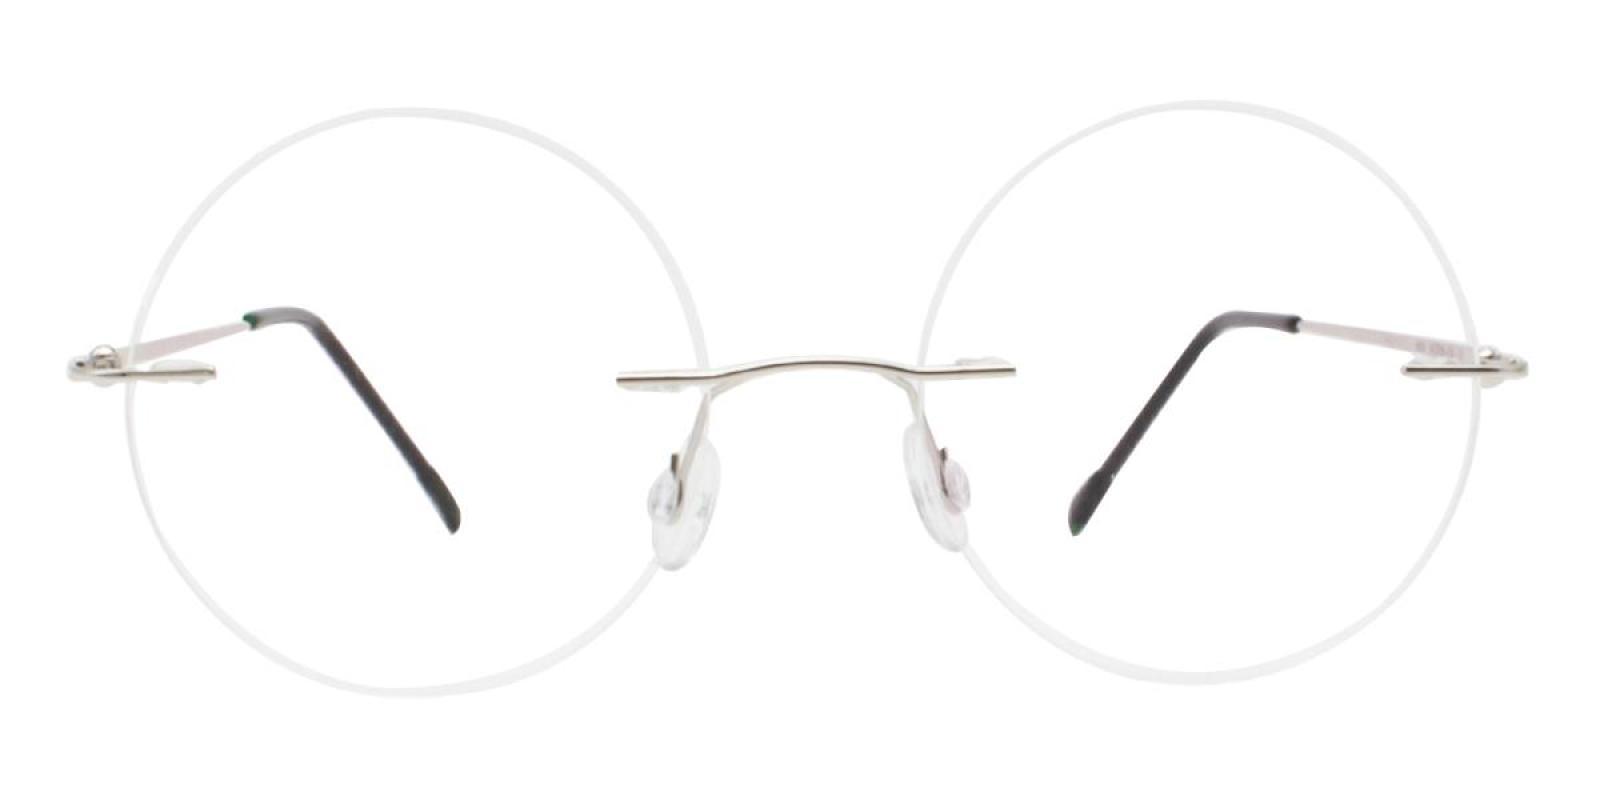 Knewphey-Silver-Varieties-Metal-Eyeglasses-additional2